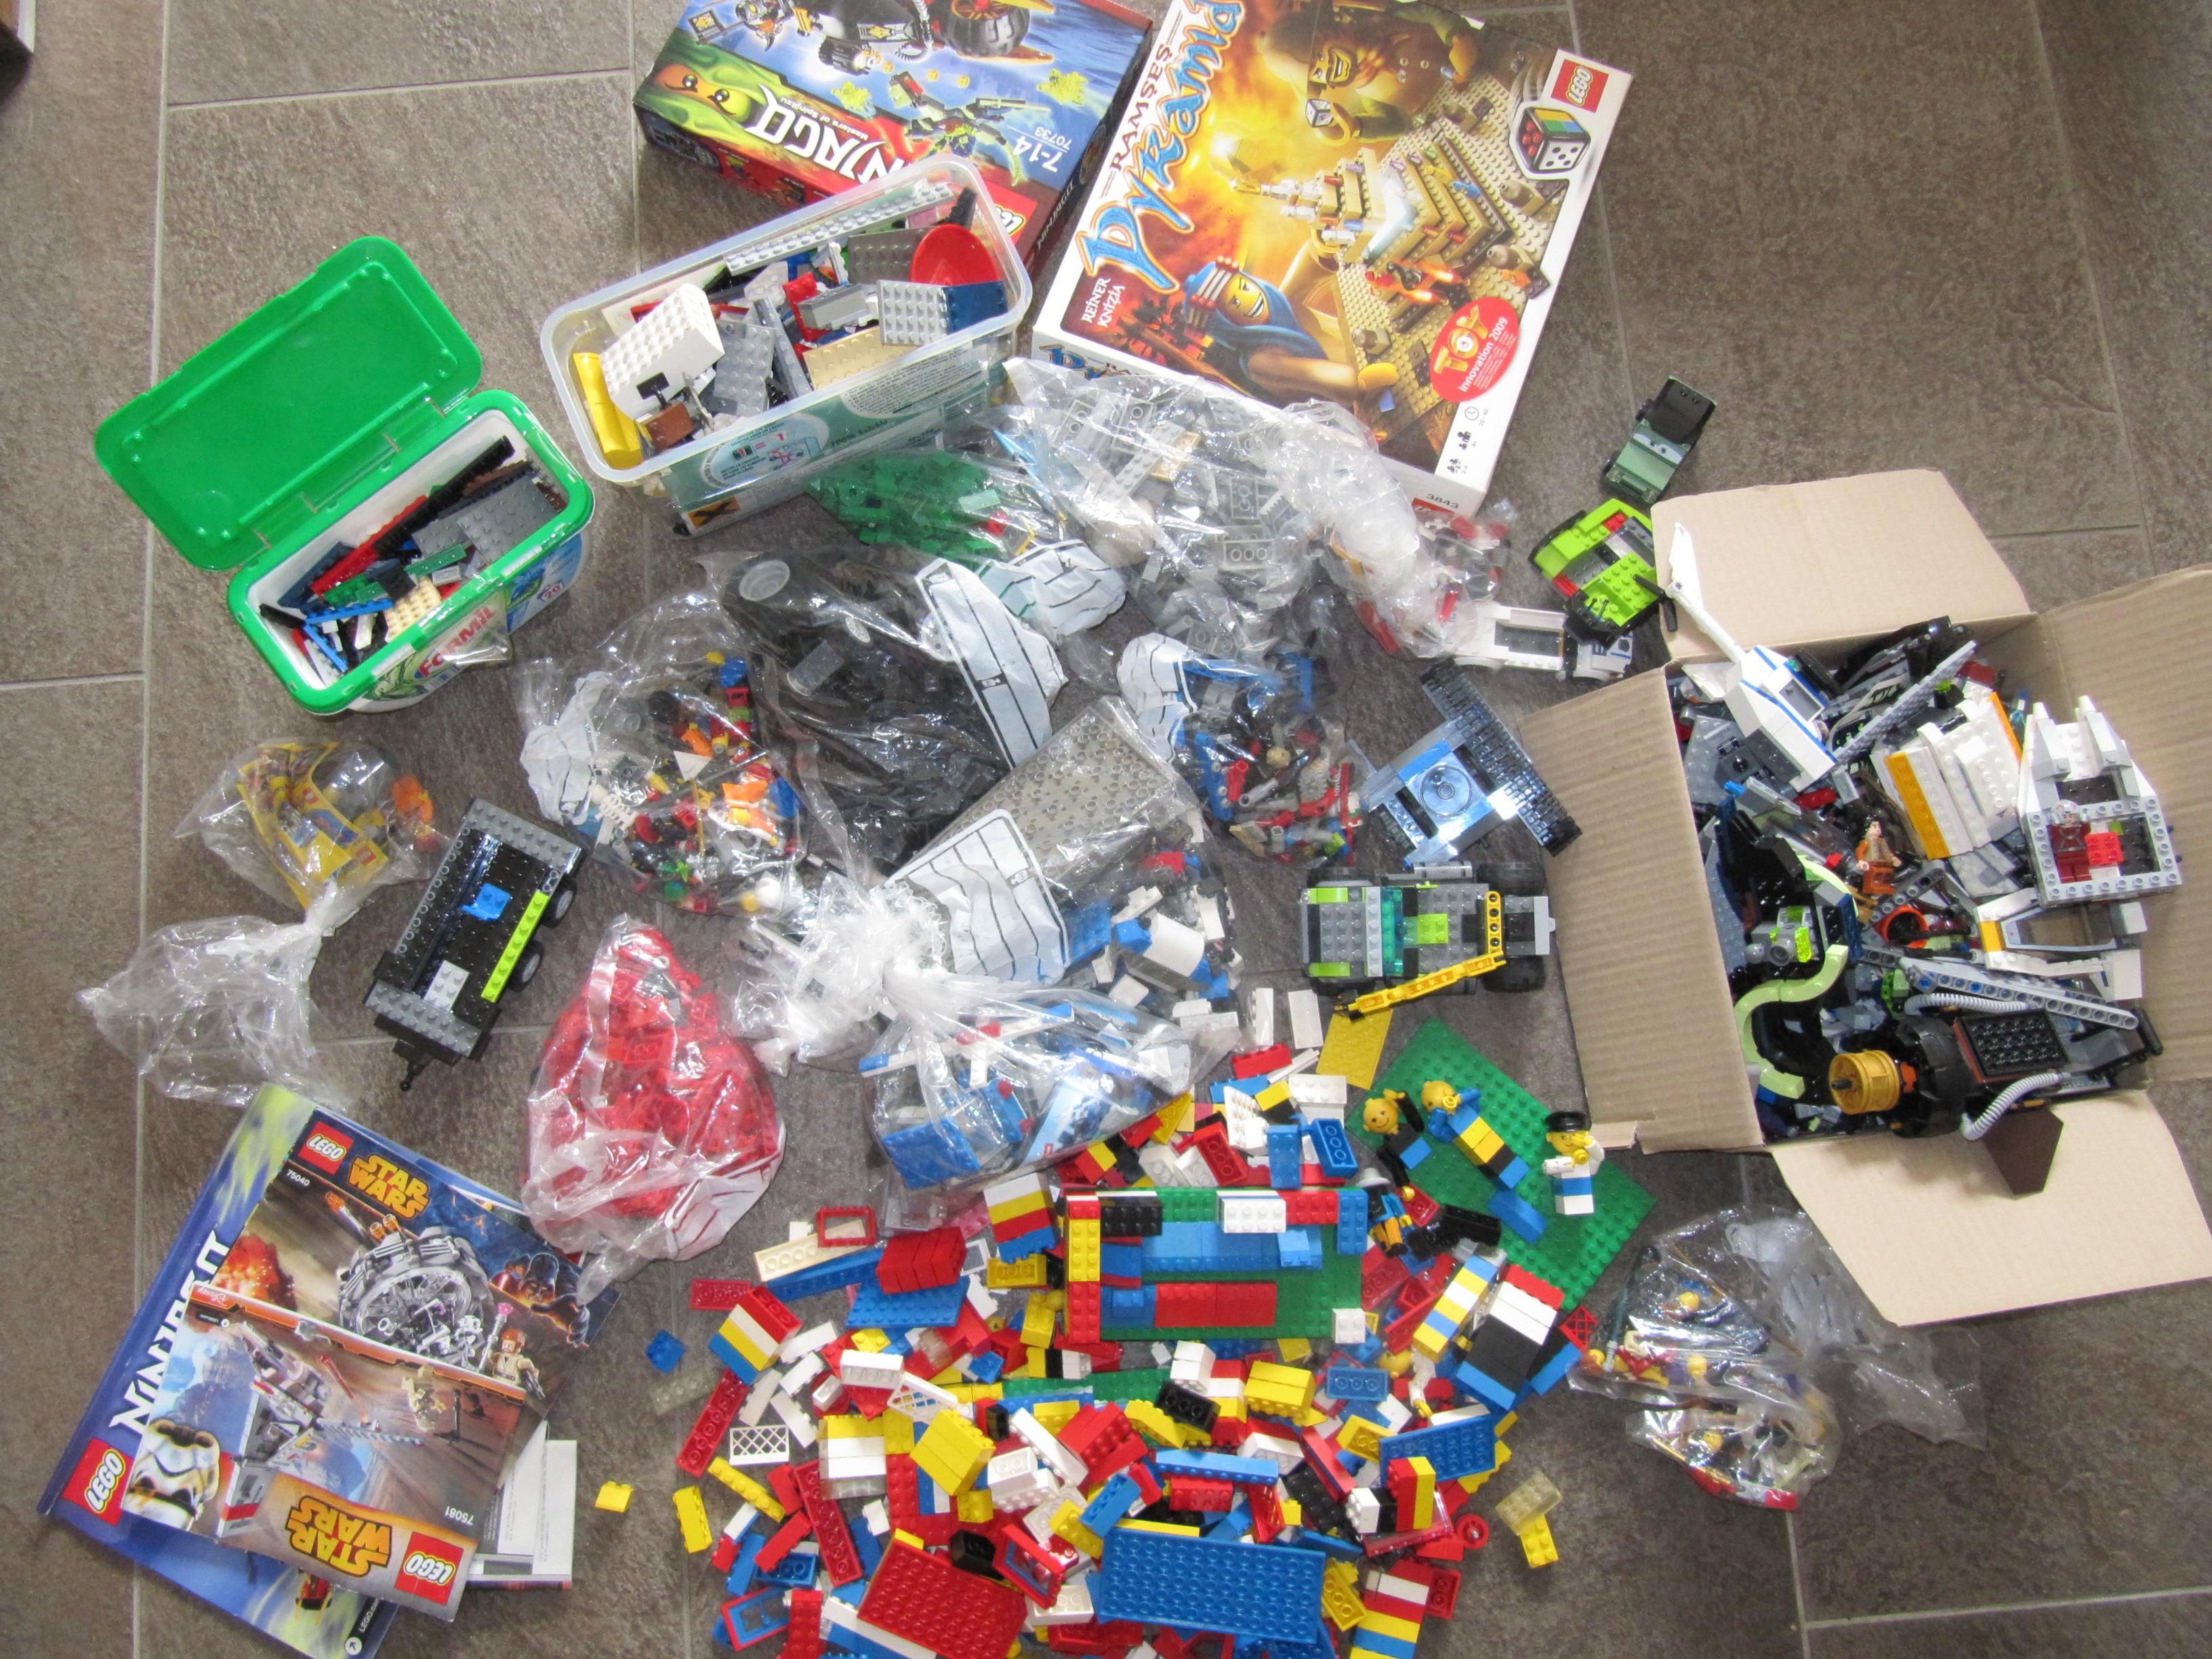 Trouvailles en Brocante, Bourse Aux jouets, Vide Greniers ... - Page 65 Img_7111